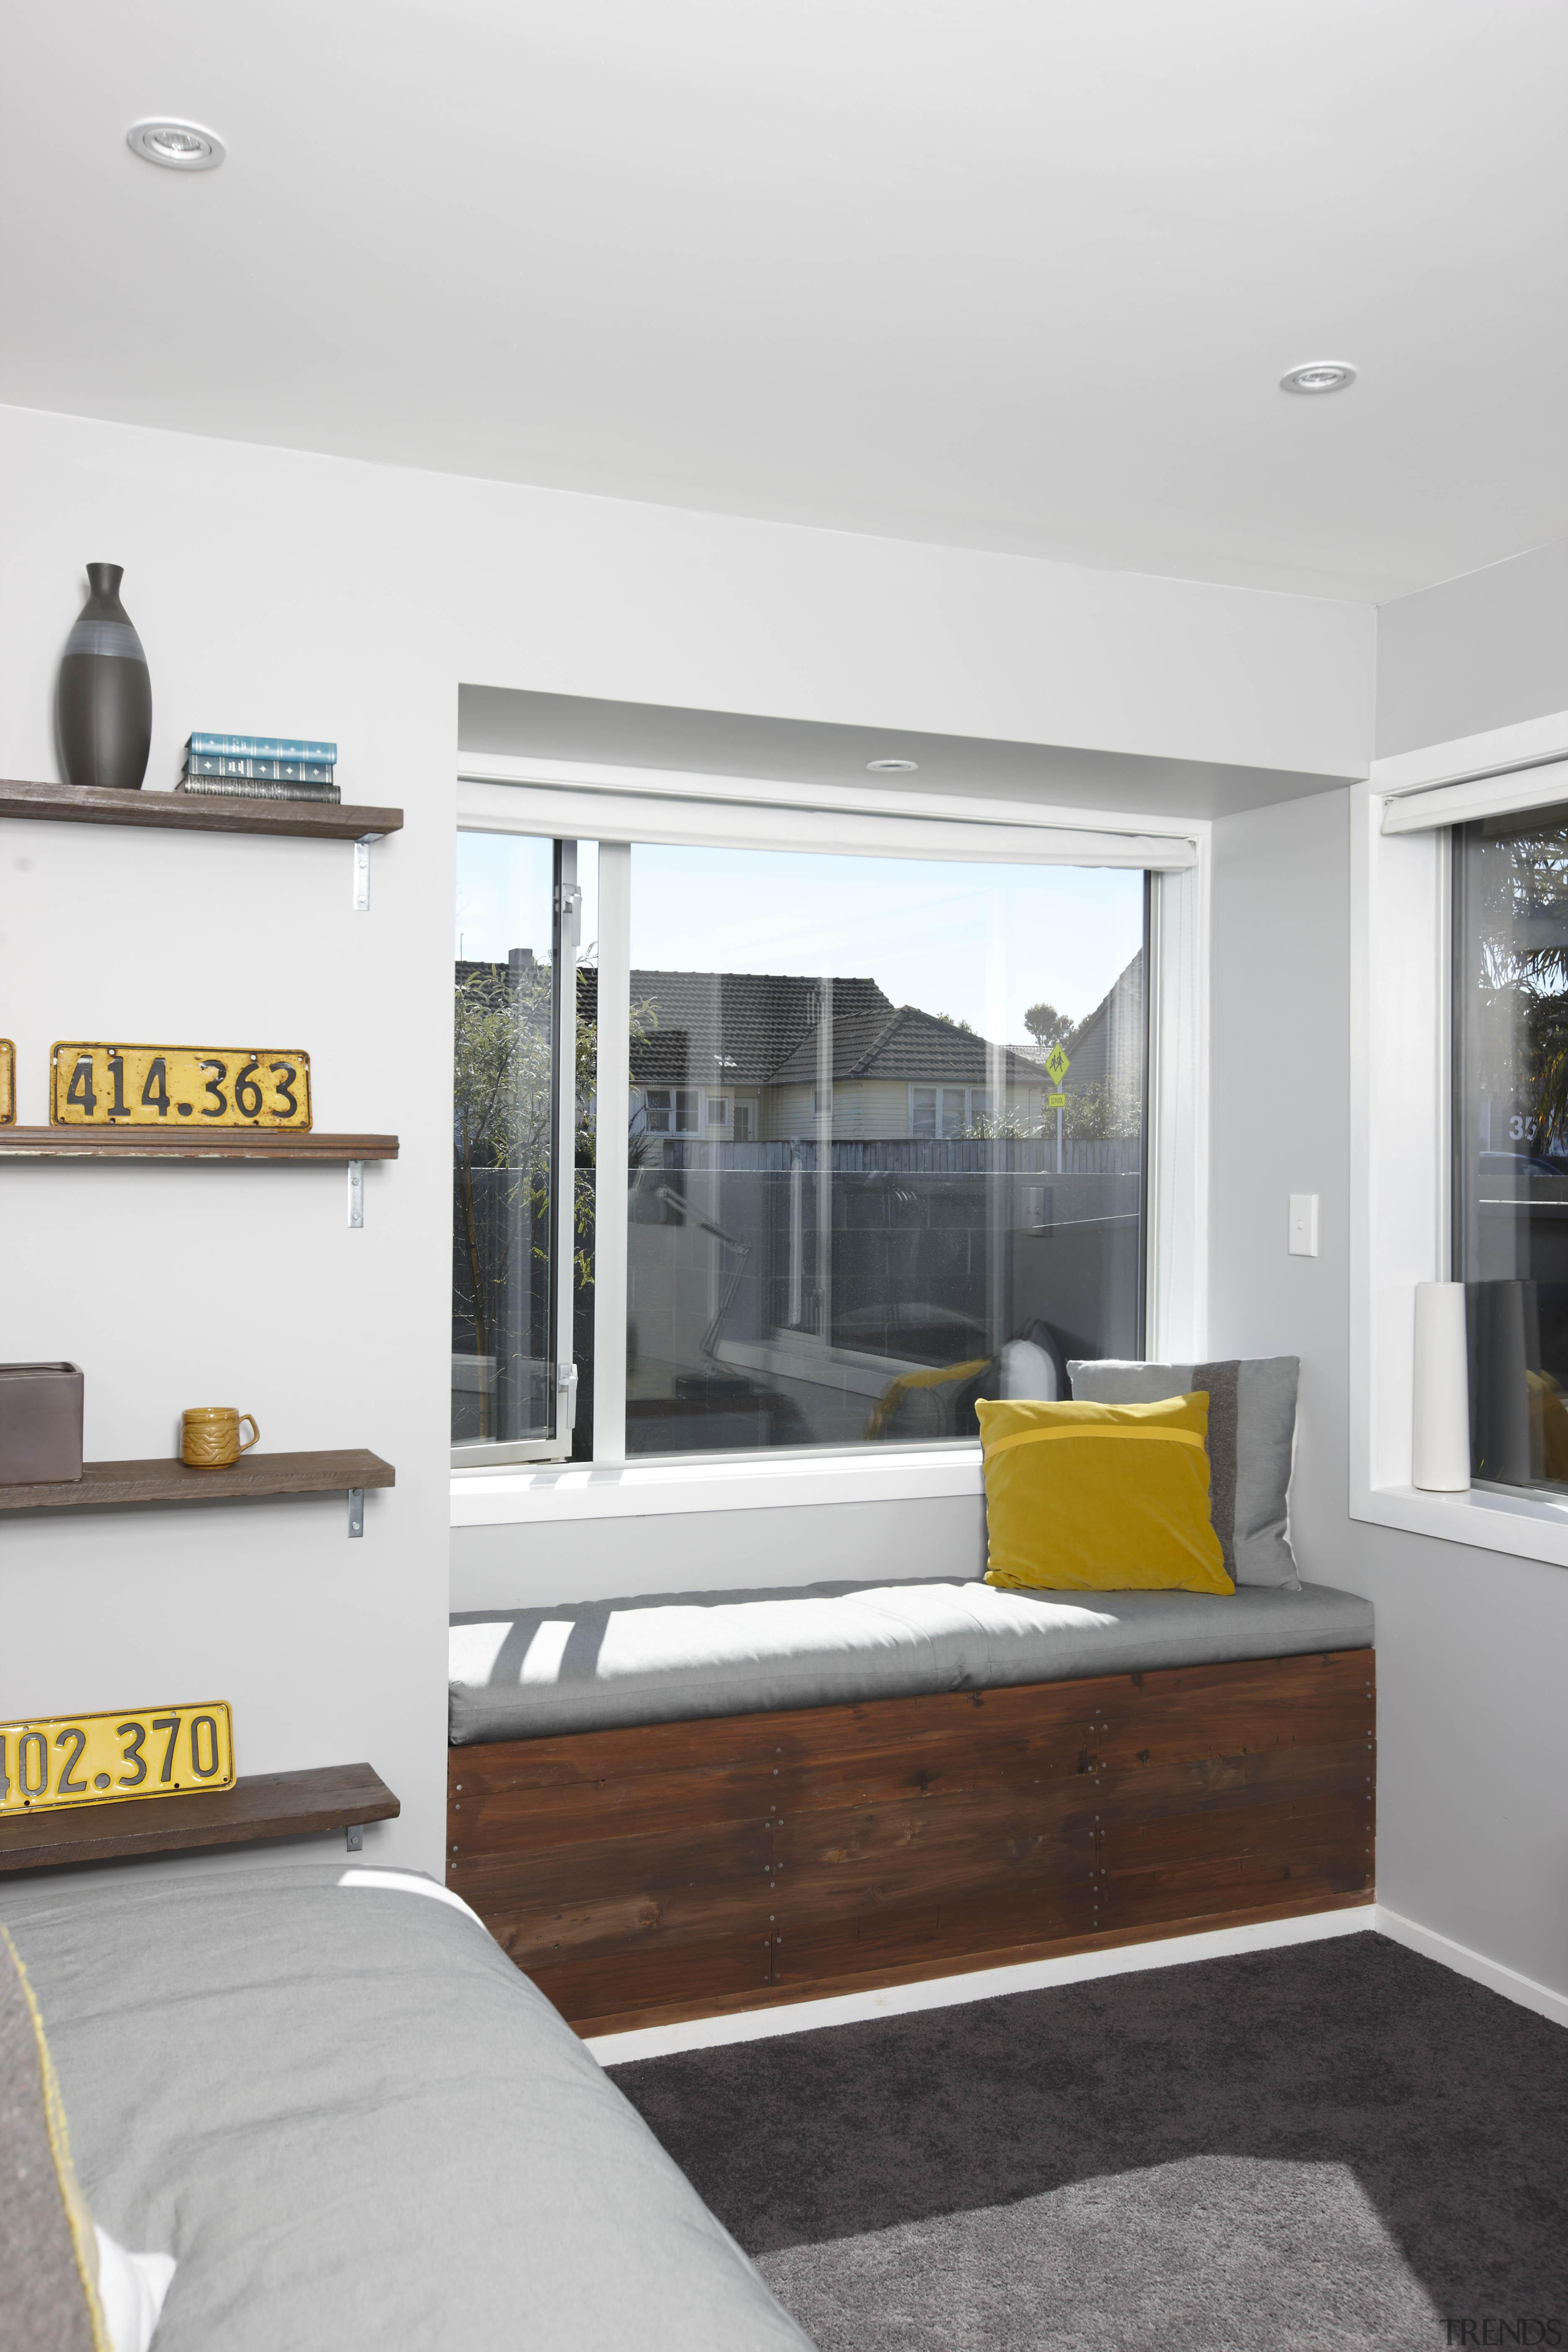 l2o0102.jpg - l2o0102.jpg - home   interior design home, interior design, living room, window, white